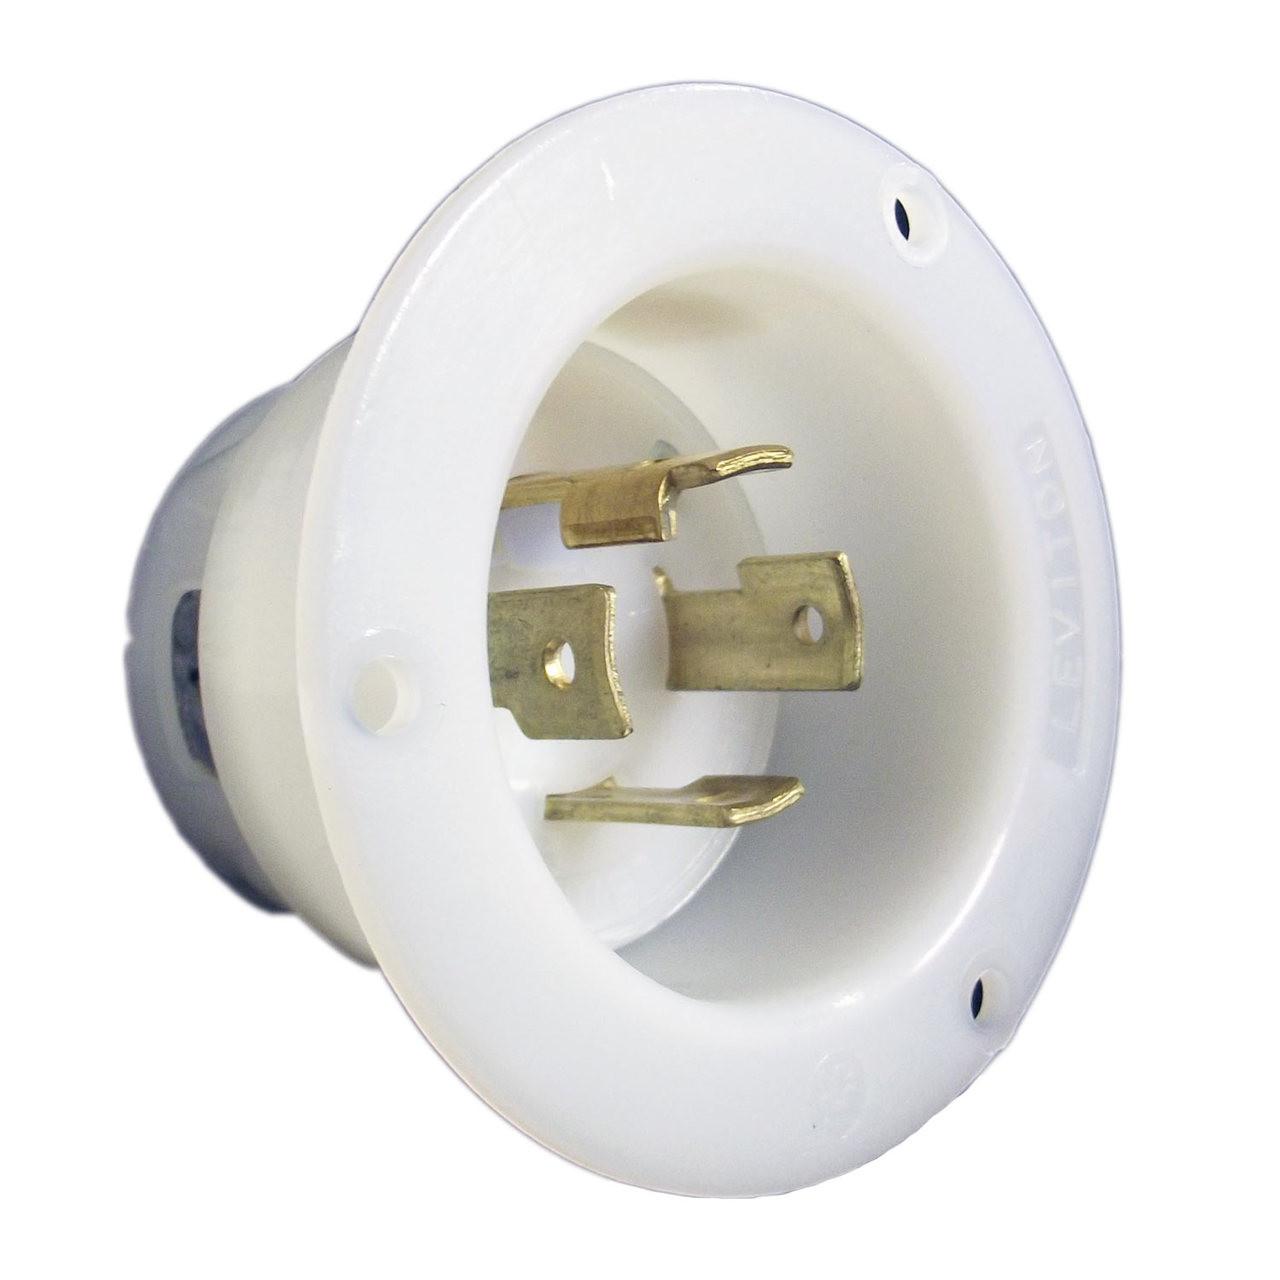 Leviton 2715  250v 3 Pole Flanged Inlet Locking